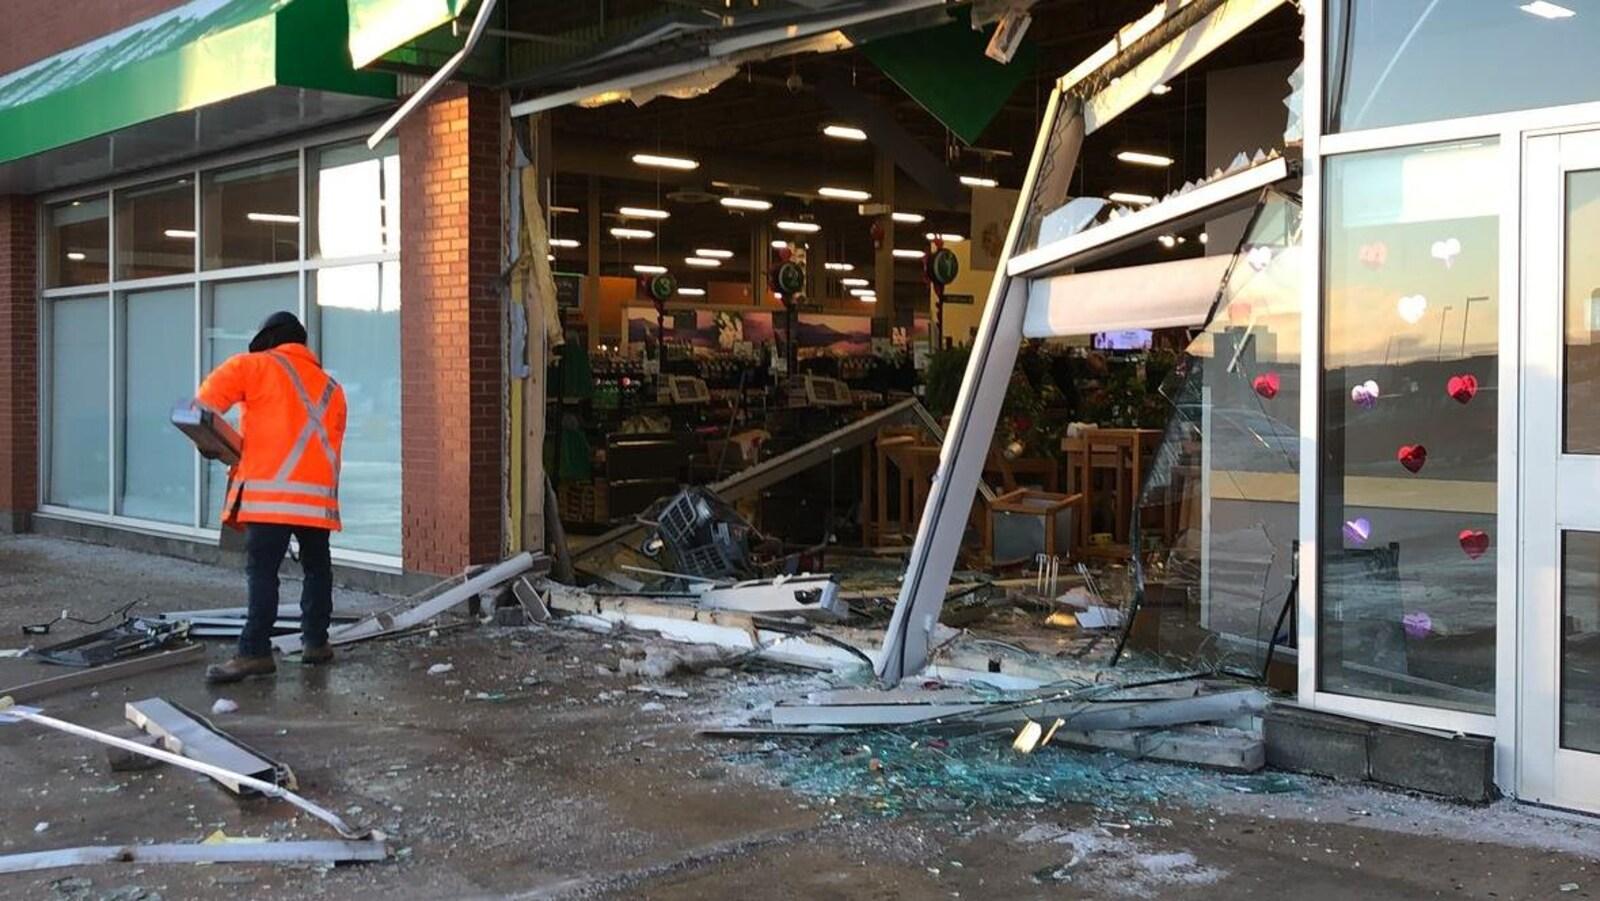 Un employé debout devant le magasin Sobeys du chemin Kelsey de Saint-Jean, entouré de débris.